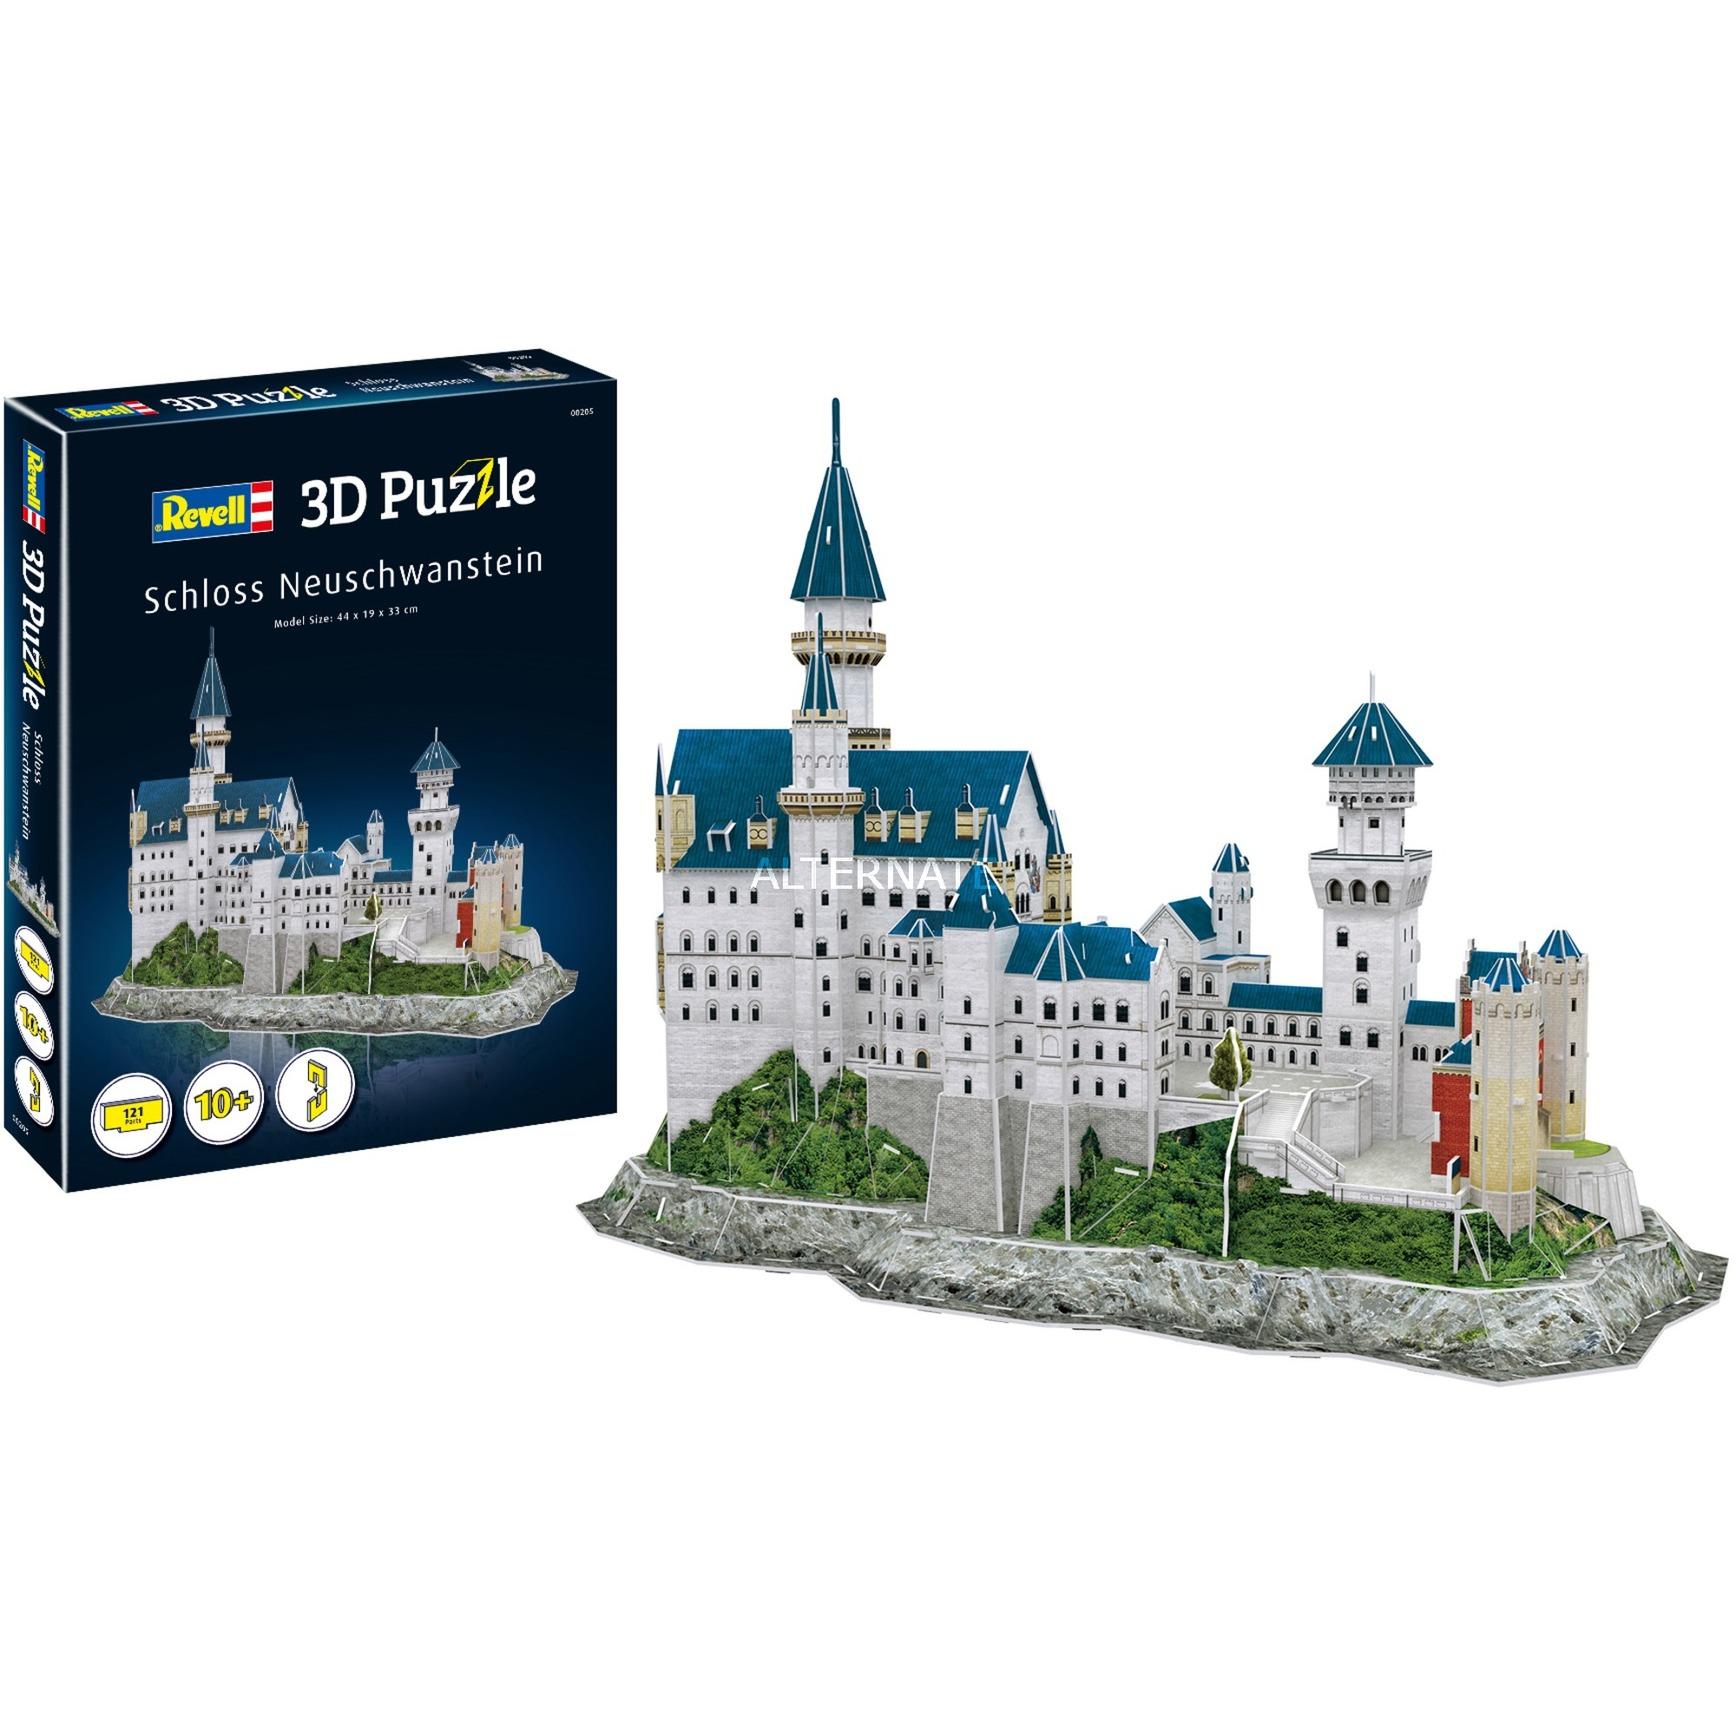 00205, Puzzle